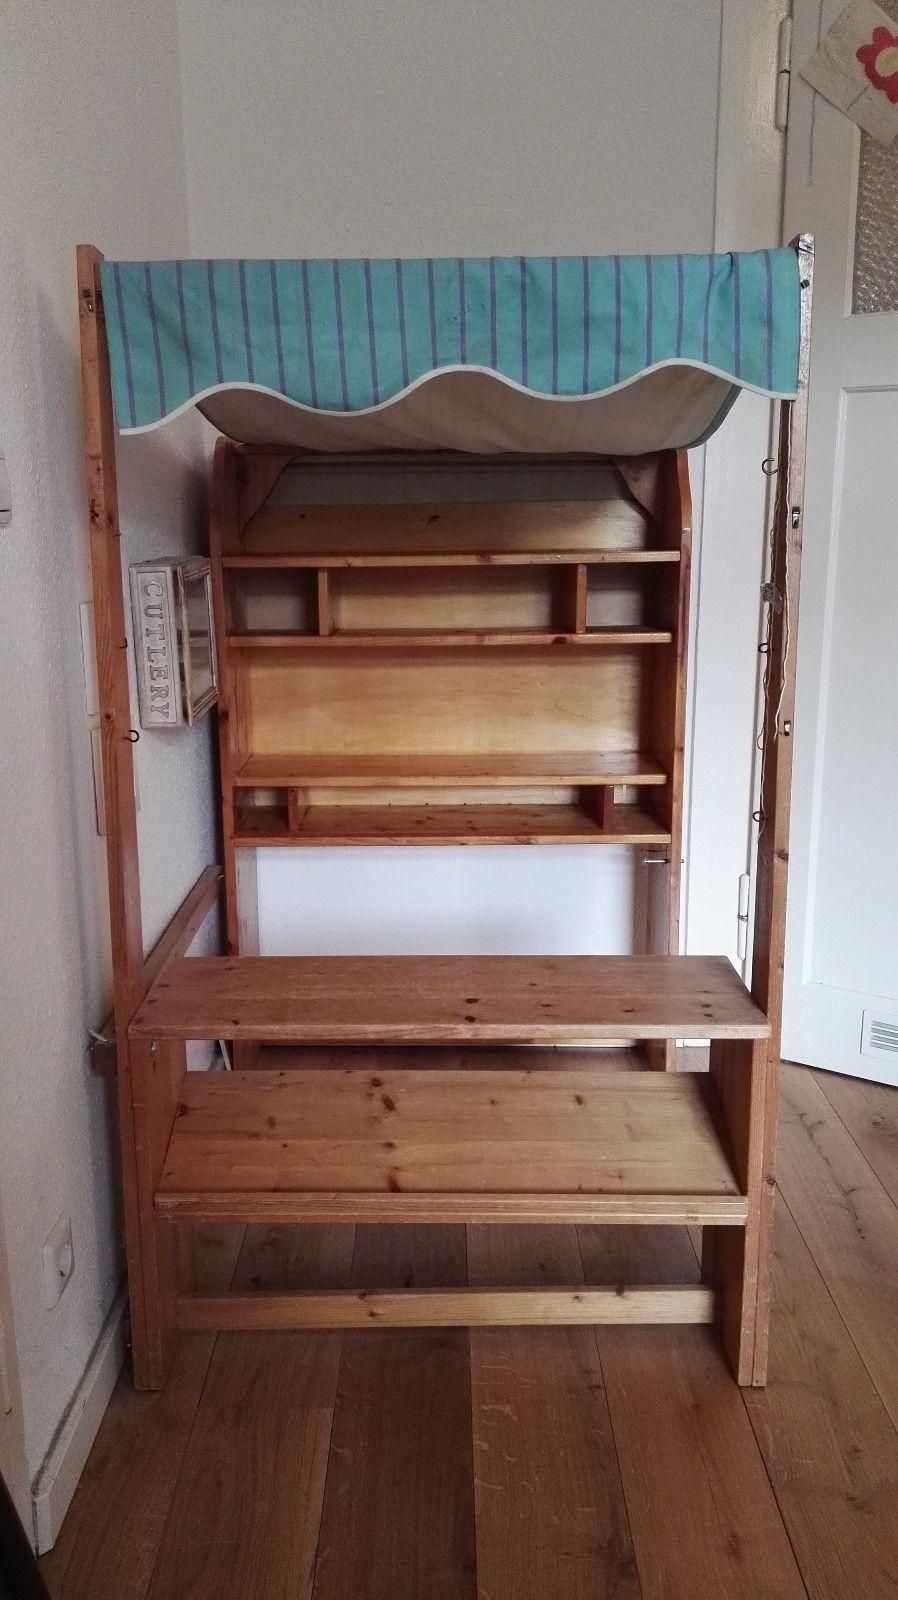 Kaufladen aus Holz, gebraucht, stabil mit gestreifter